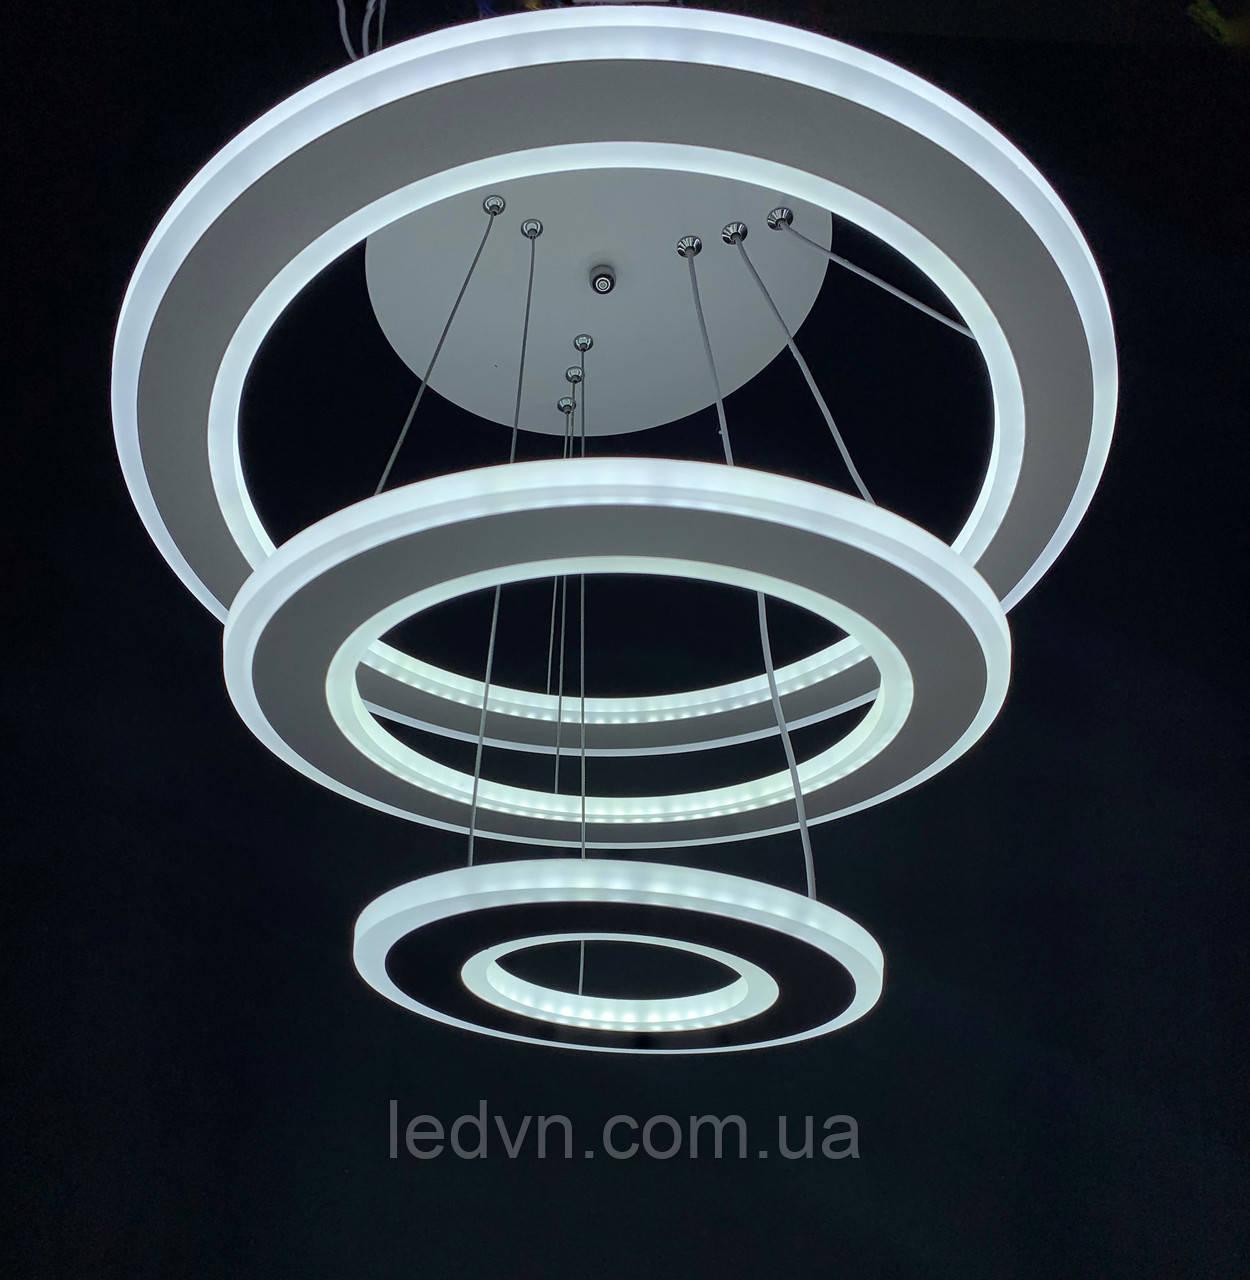 Светодиодная люстра на три белых кольца 130 ватт